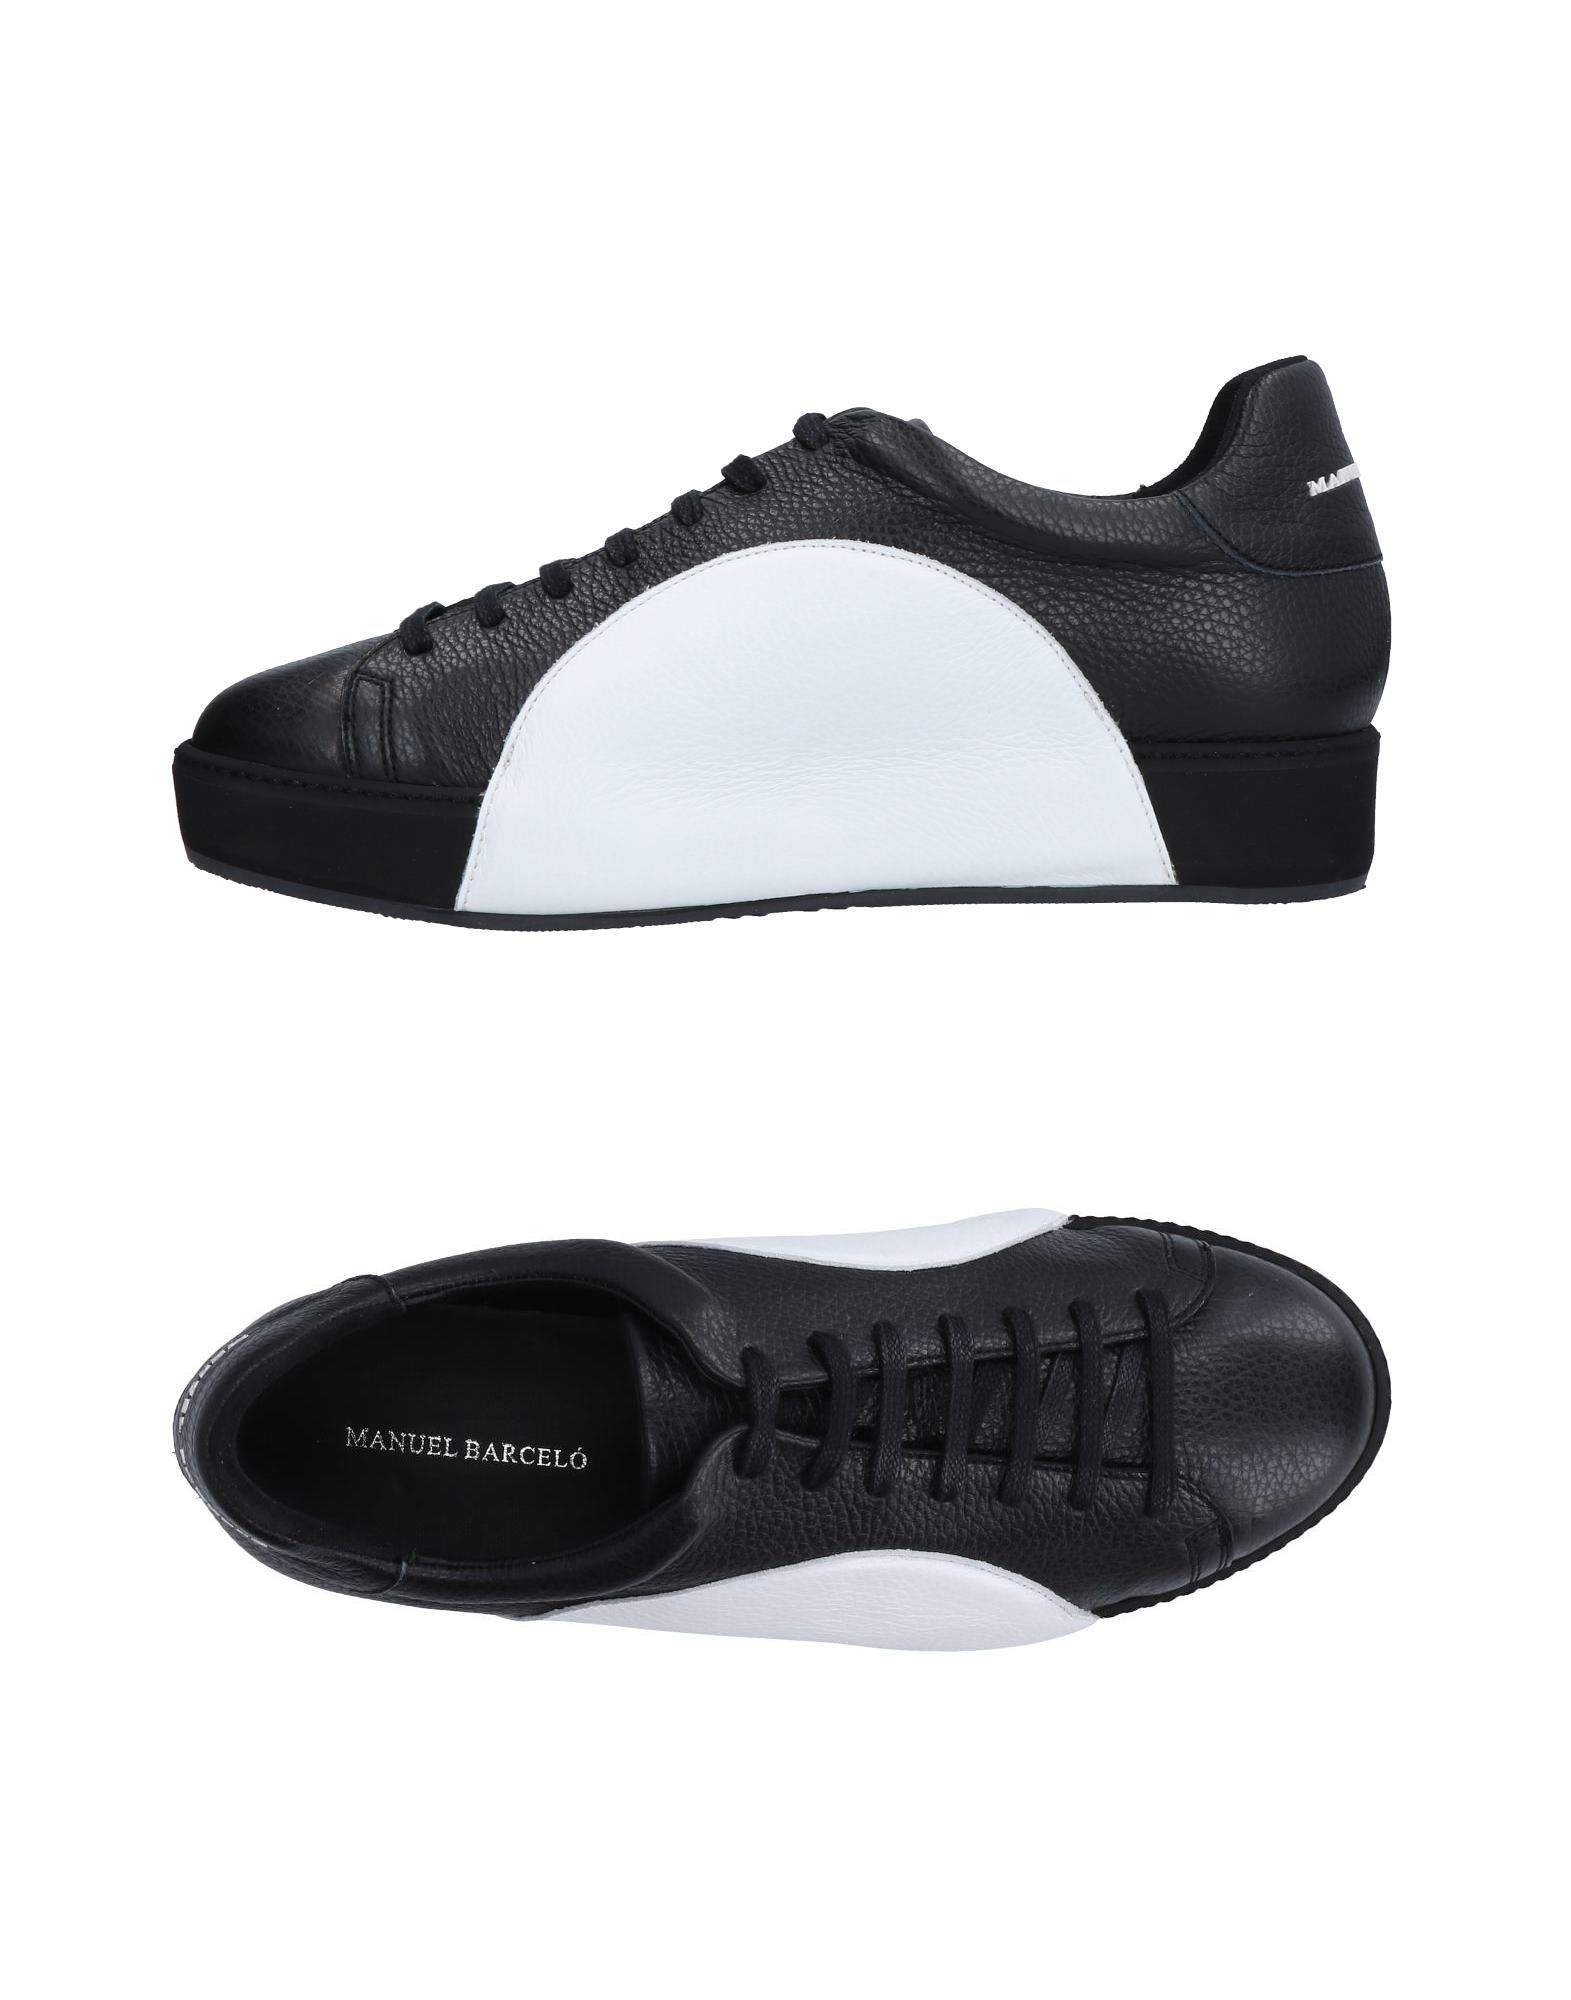 Manuel Barceló Sneakers Qualität Herren  11517198VM Gute Qualität Sneakers beliebte Schuhe 67e072